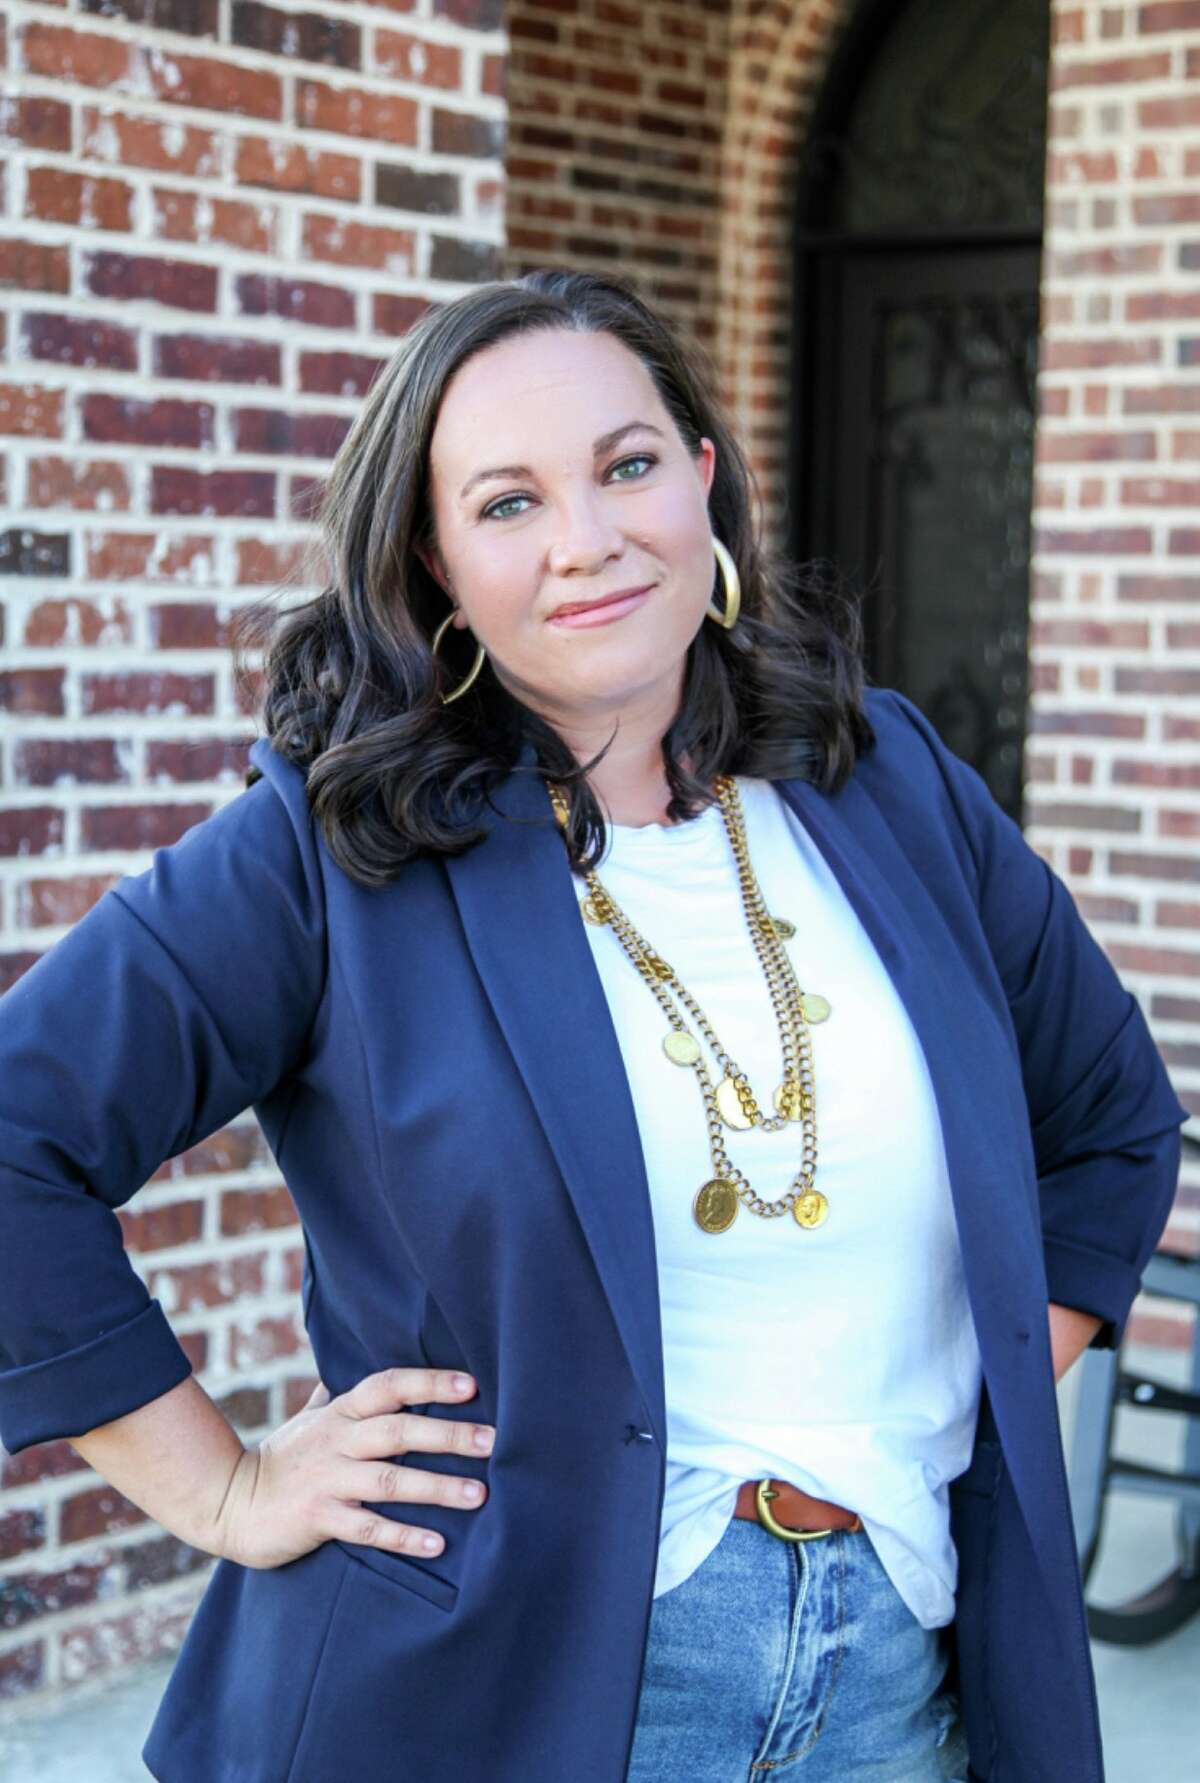 Rachel Davis is running to represent District 2.